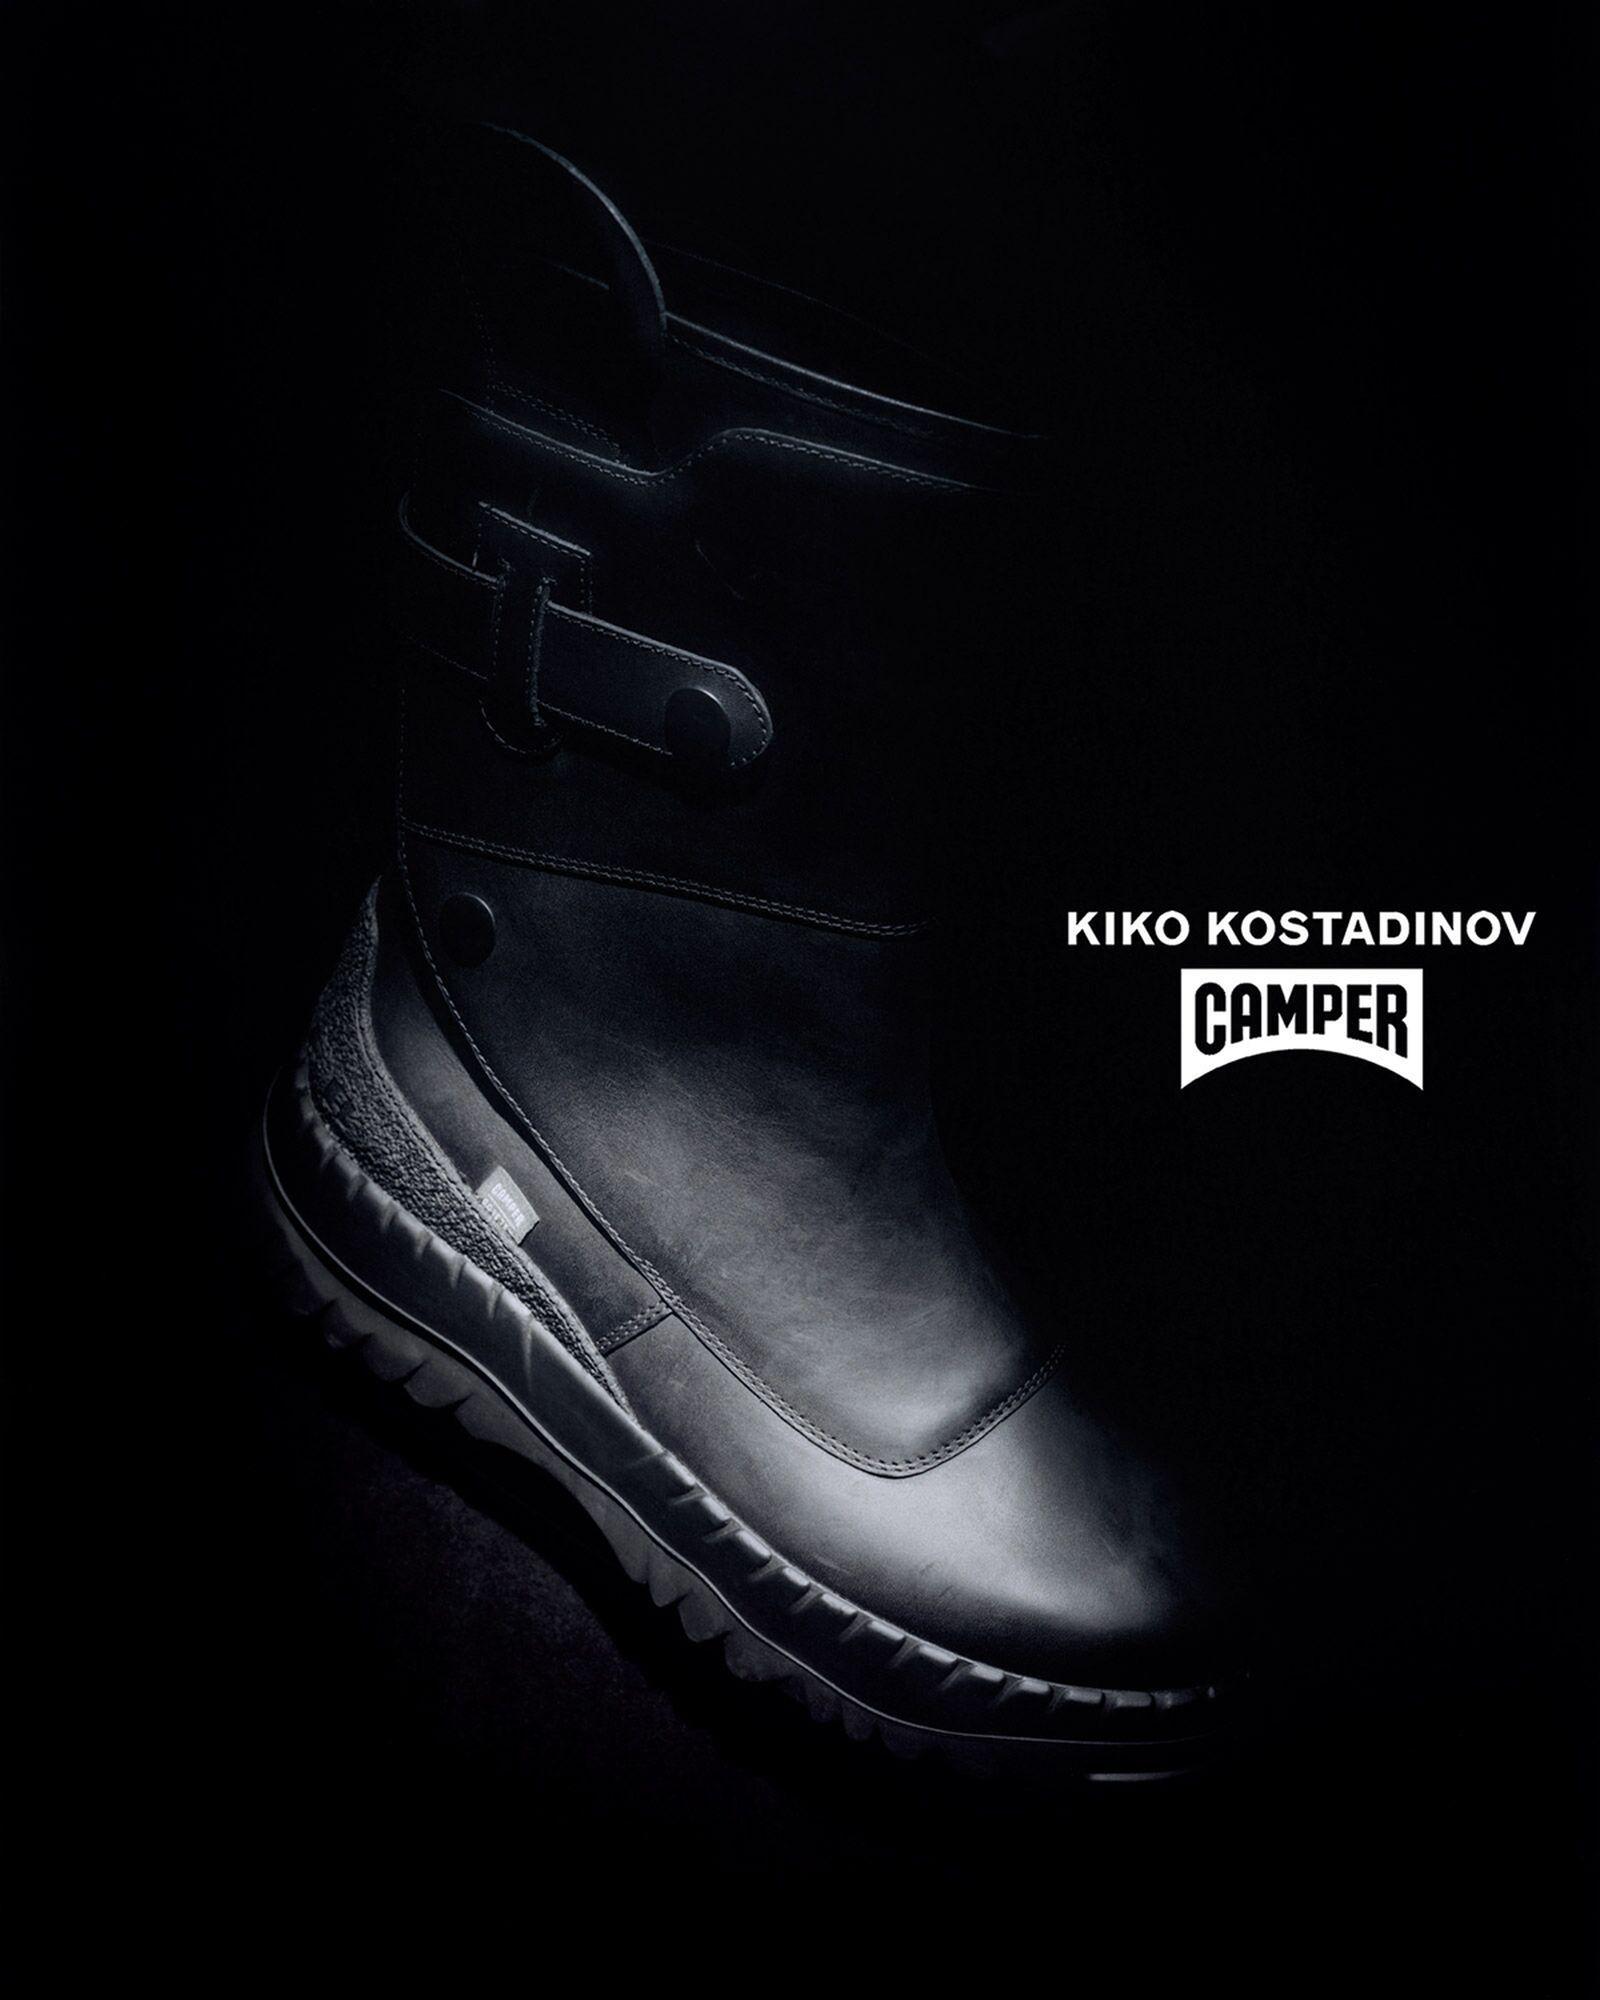 kiko kostadinov camper fw19 release date price